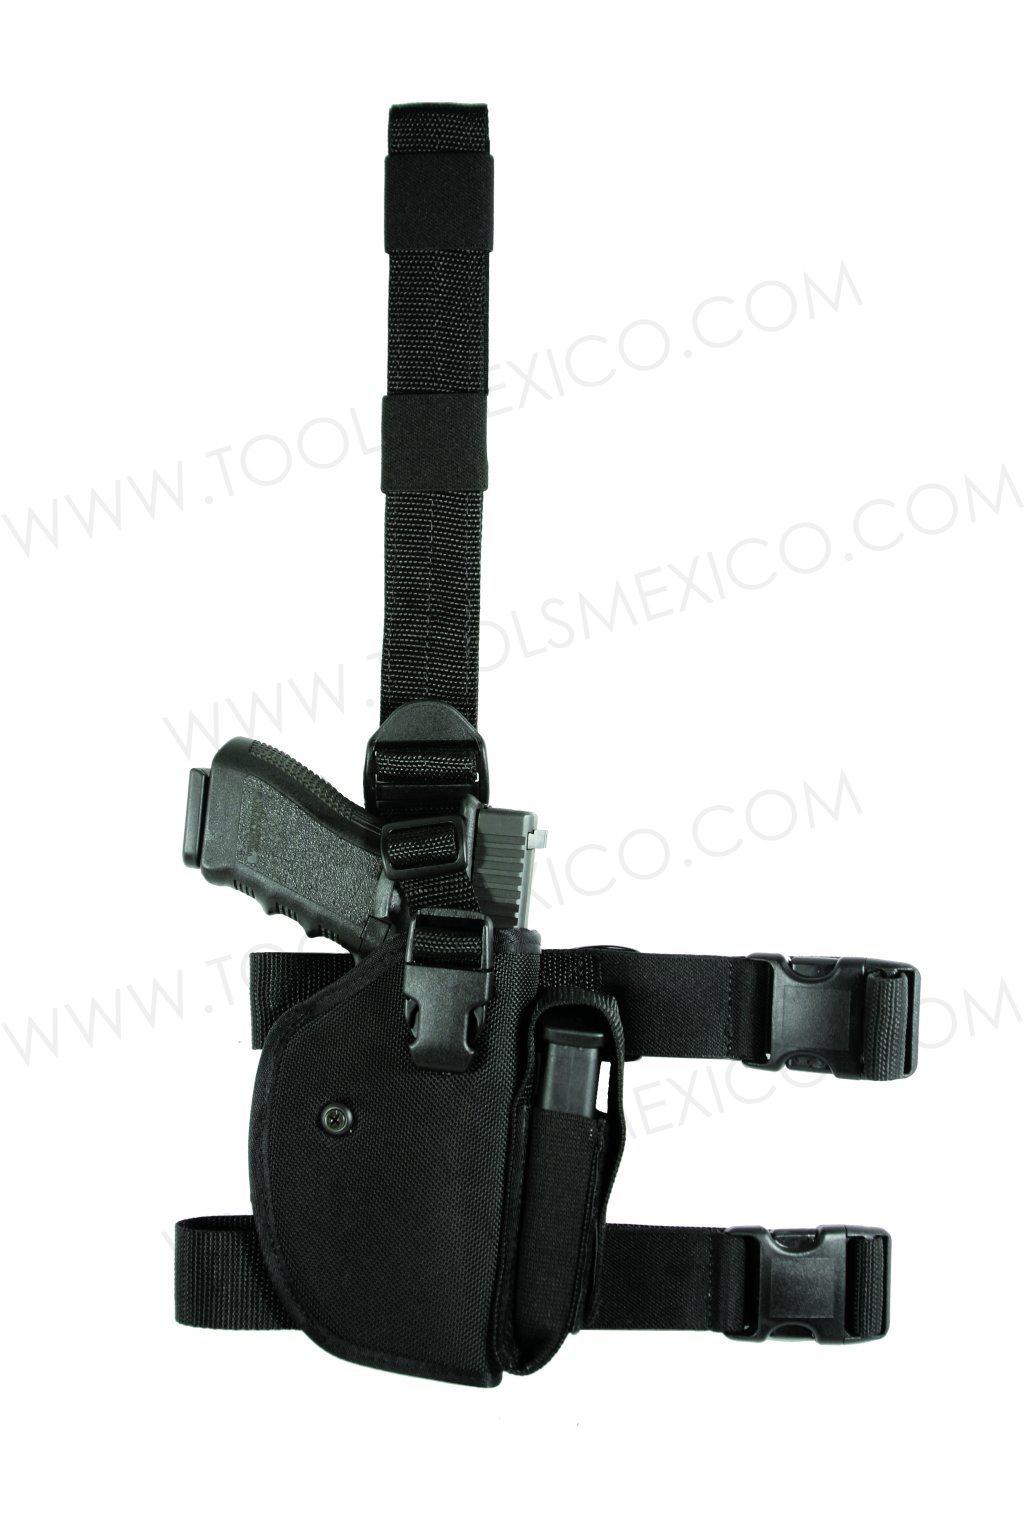 Buscar - Toolsmexico Seguridad